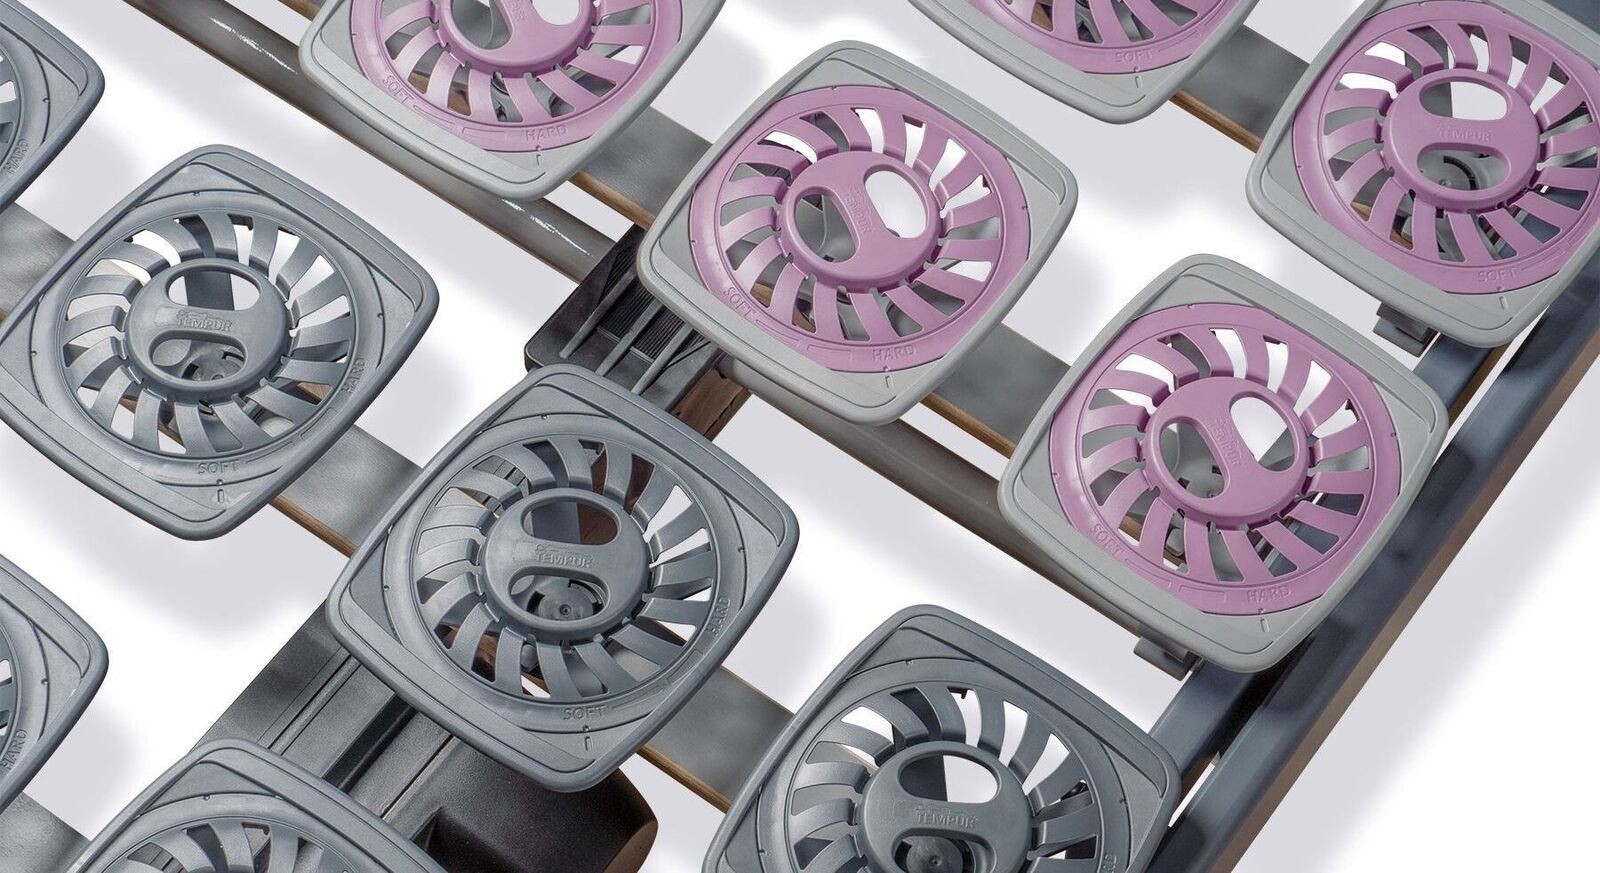 TEMPUR Teller-Lattenrost mit flexiblen Modulen